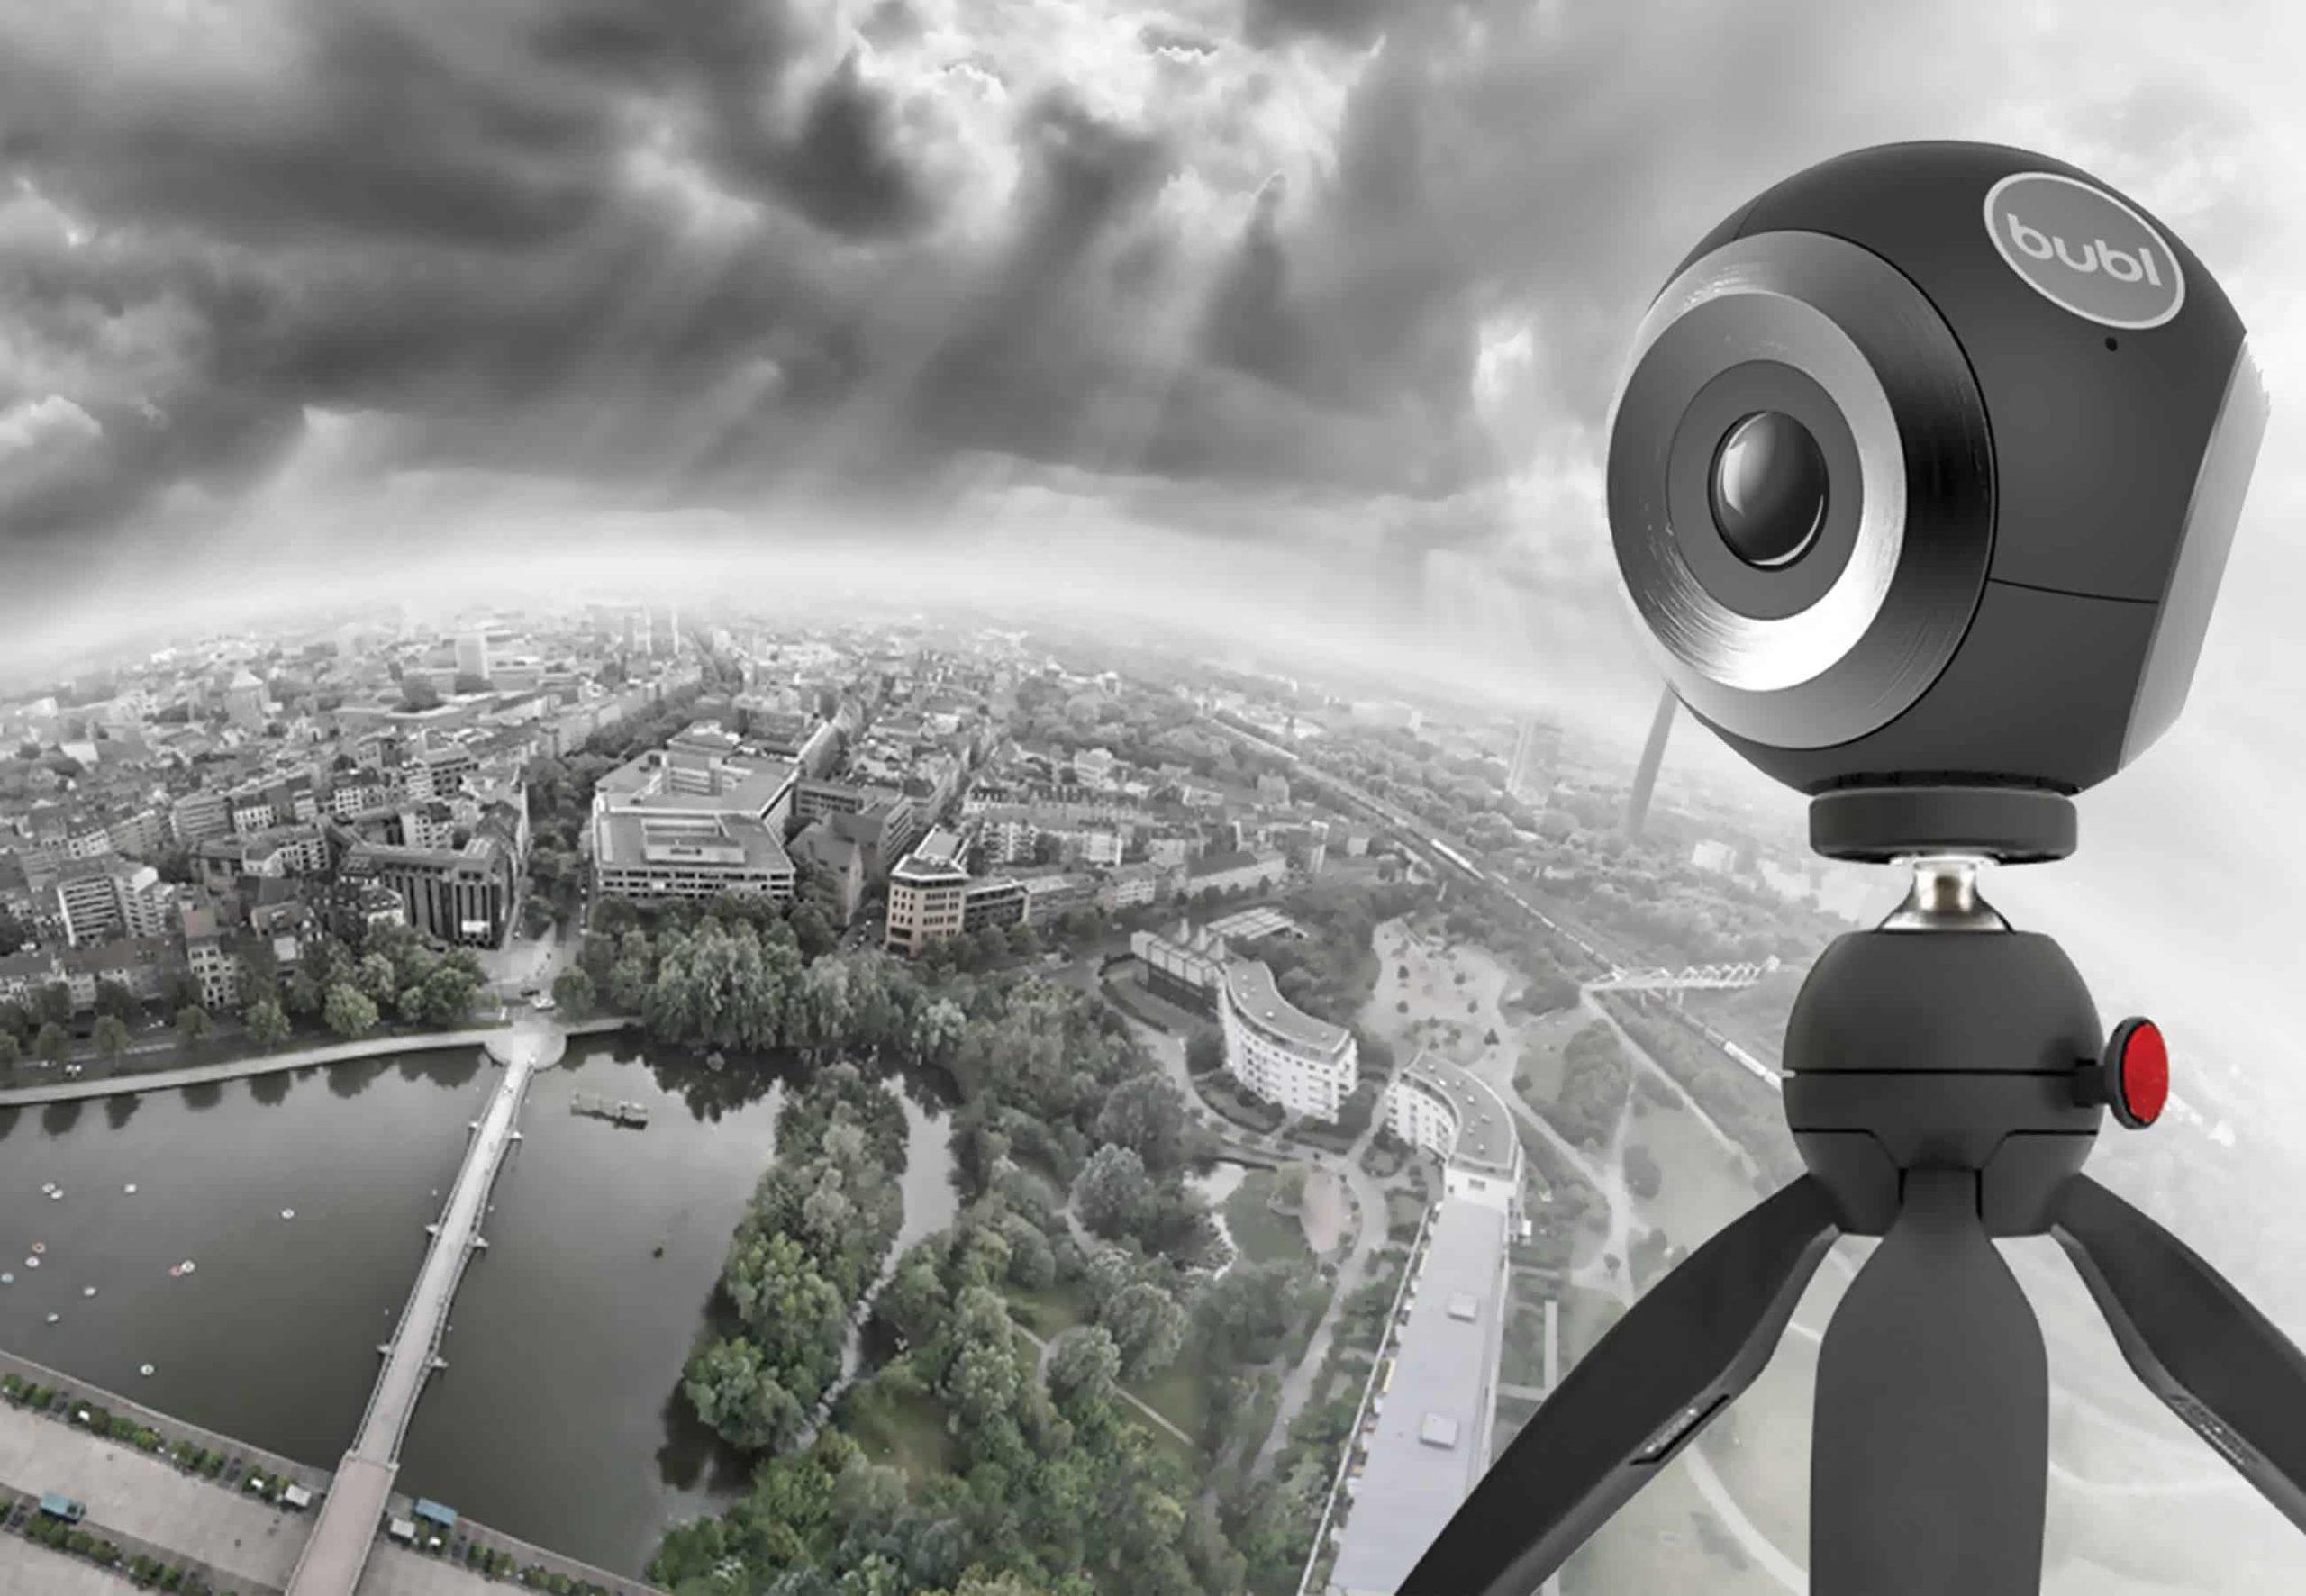 Bublcam vídeo en 360 grados